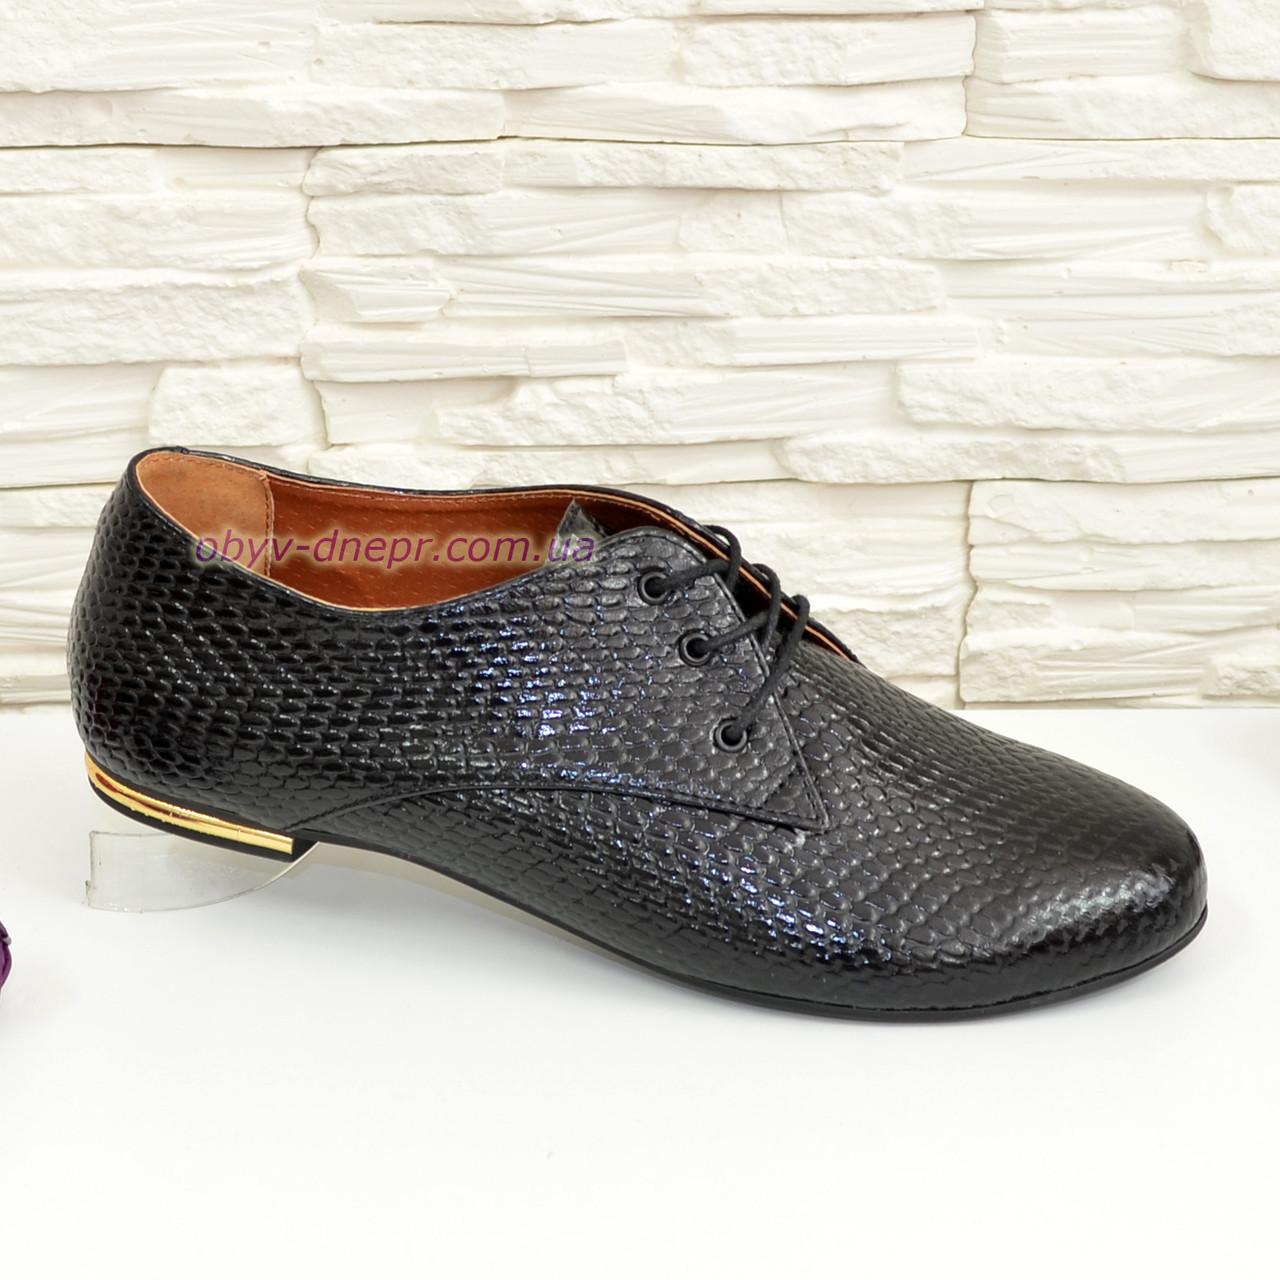 Туфли женские черные на шнуровке, низкий ход. Натуральная кожа